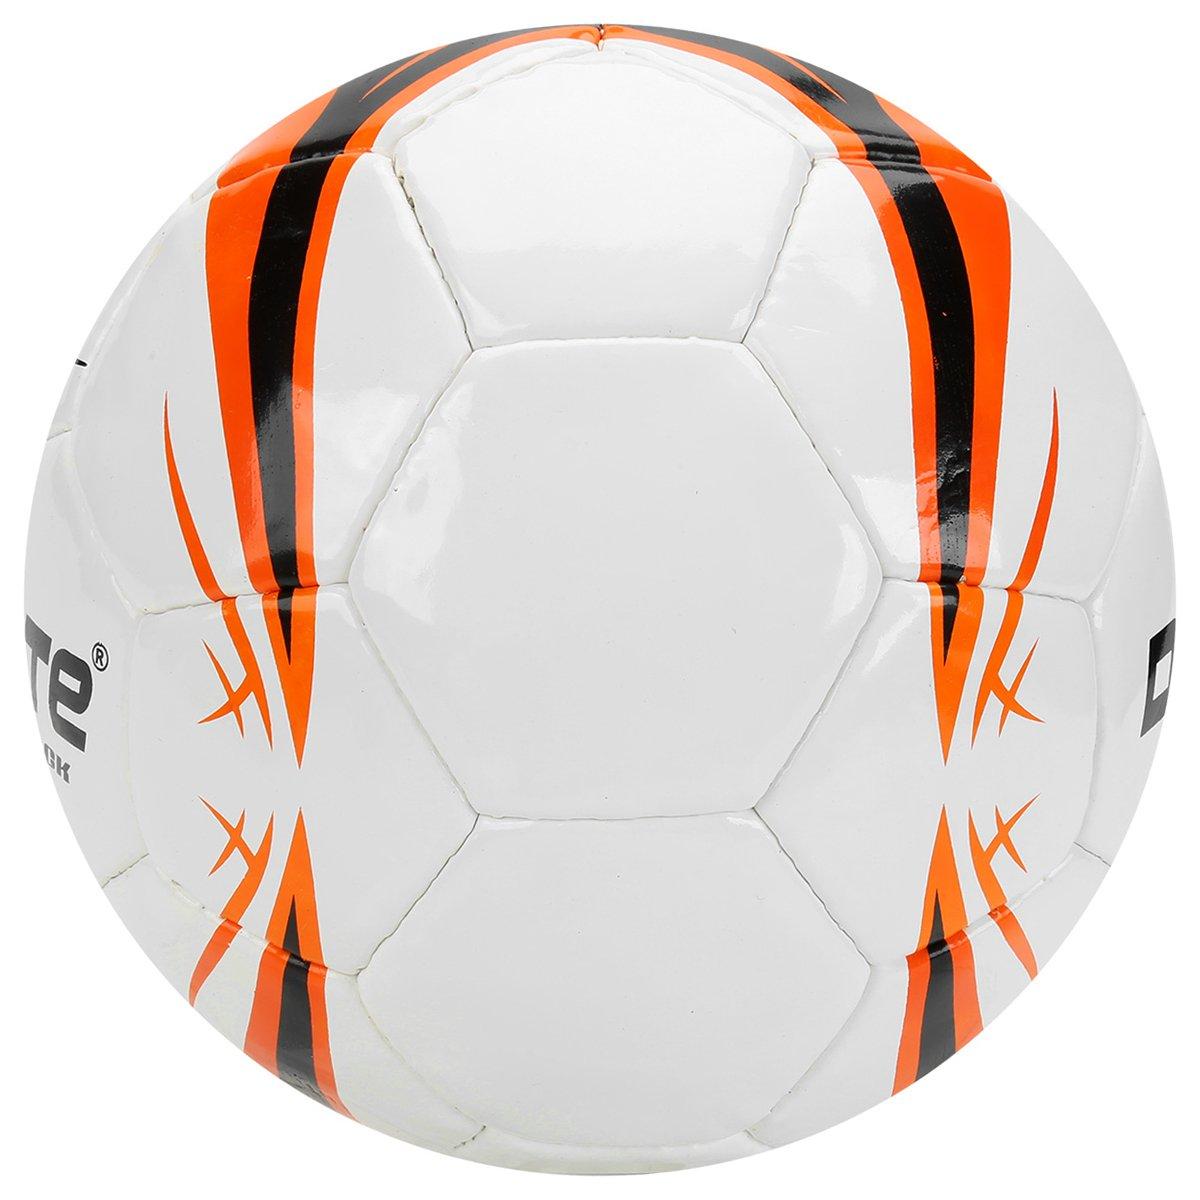 Bola Futebol DalPonte Microline Attack Campo - Compre Agora  f835ecb60ad33